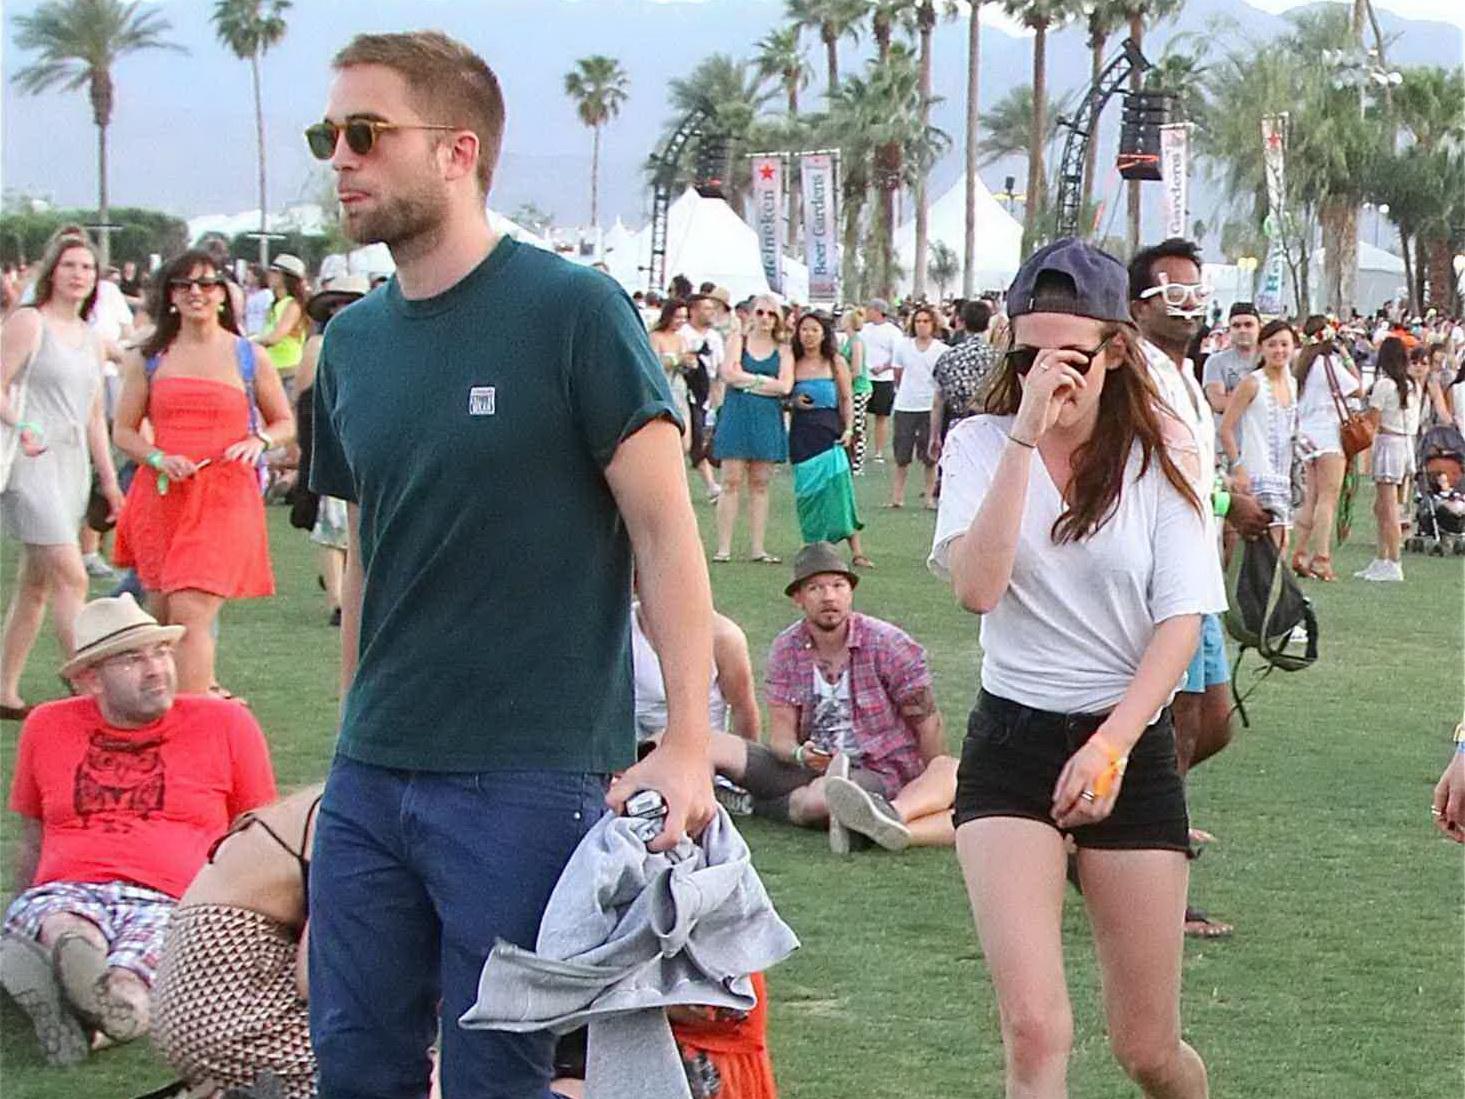 Imagini unice: ce au facut Kristen Stewart si Robert Pattinson pentru prima data in public